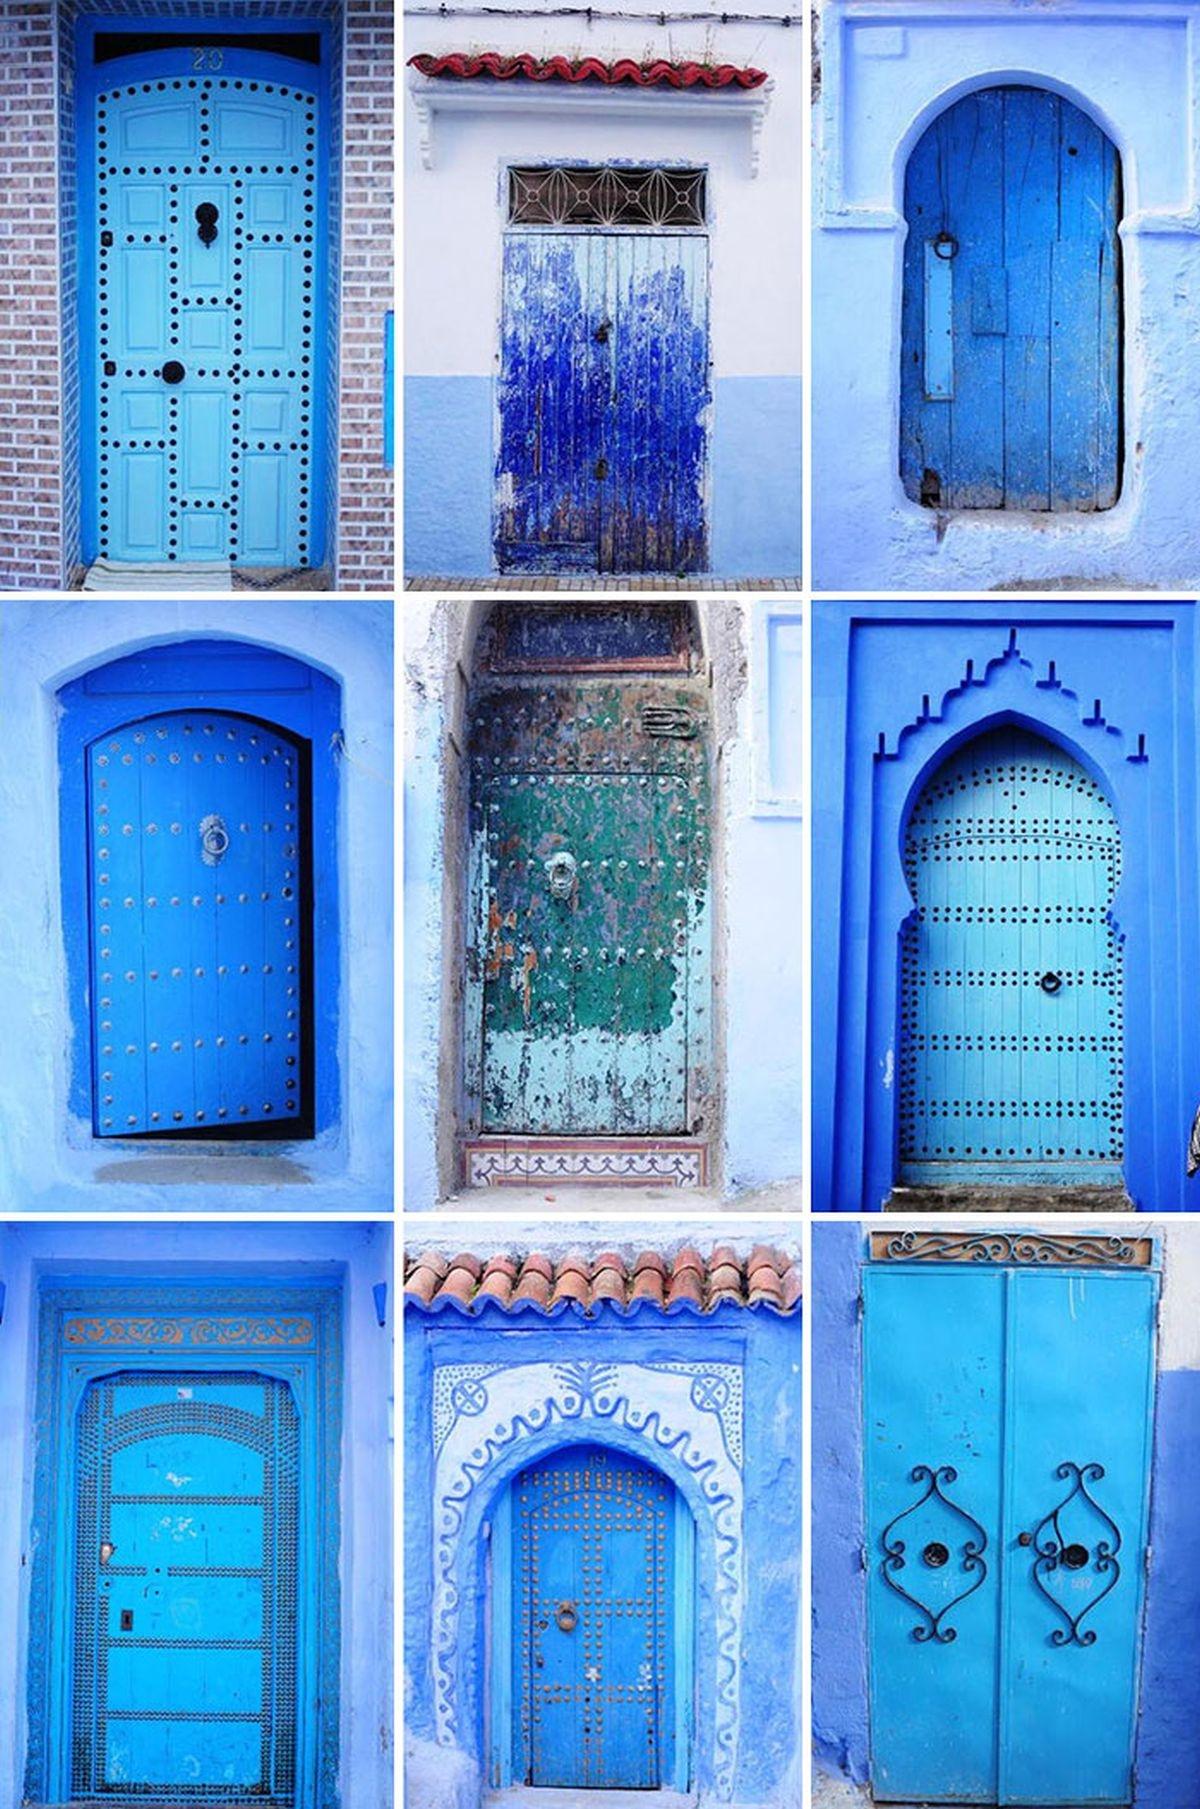 Chiêm ngưỡng những cánh cửa thần kì như trong cổ tích